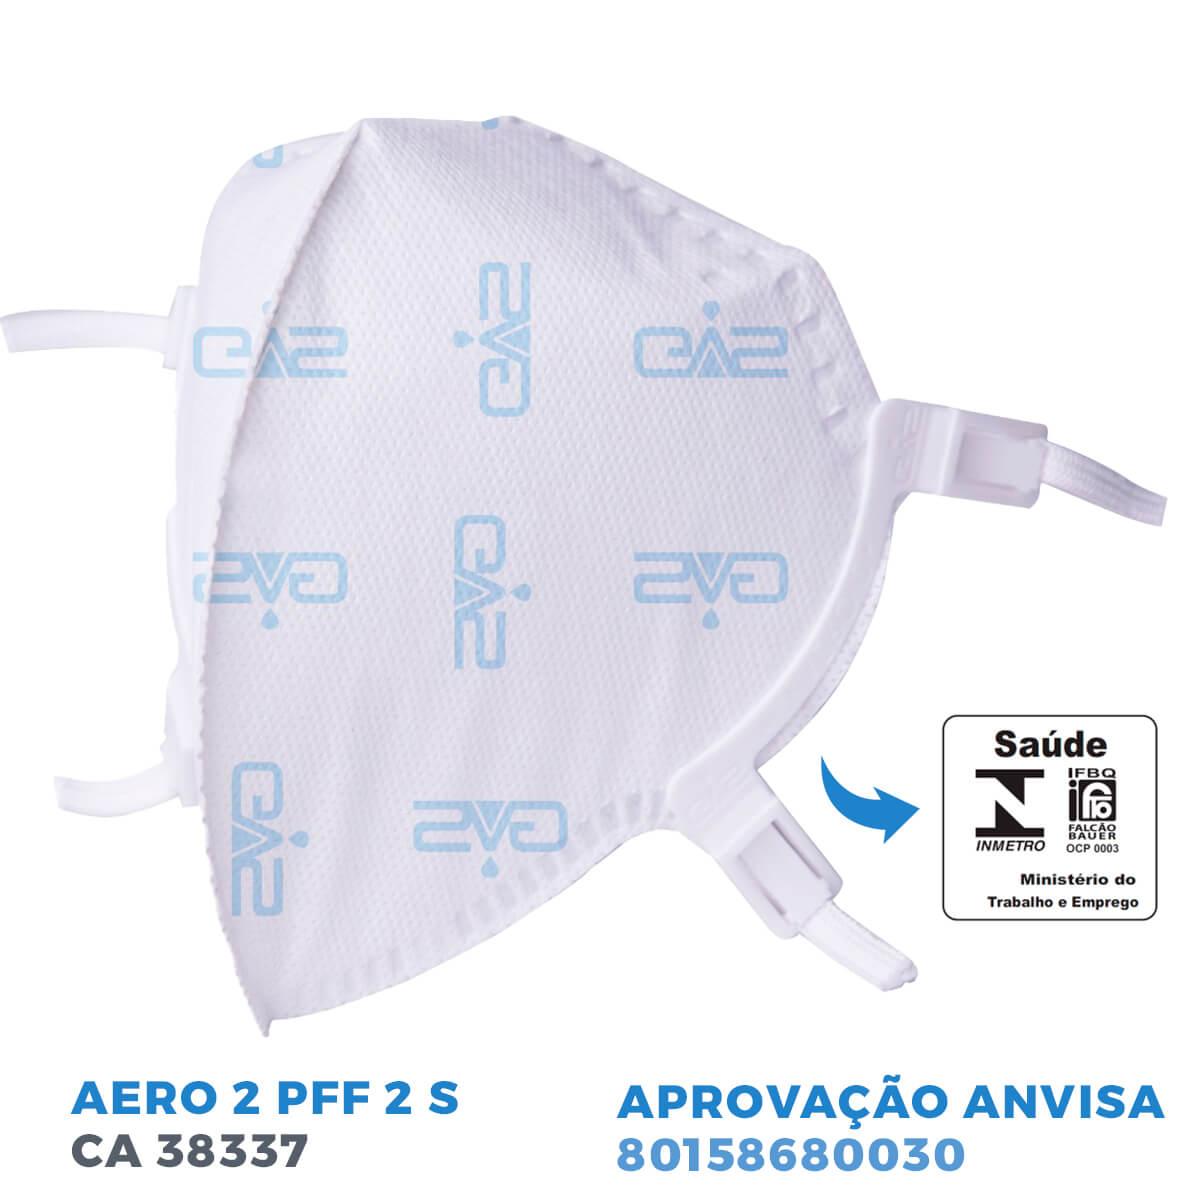 Kit 20 Máscaras GVS N95 + Caixa de Máscara Cirúrgica Bloker